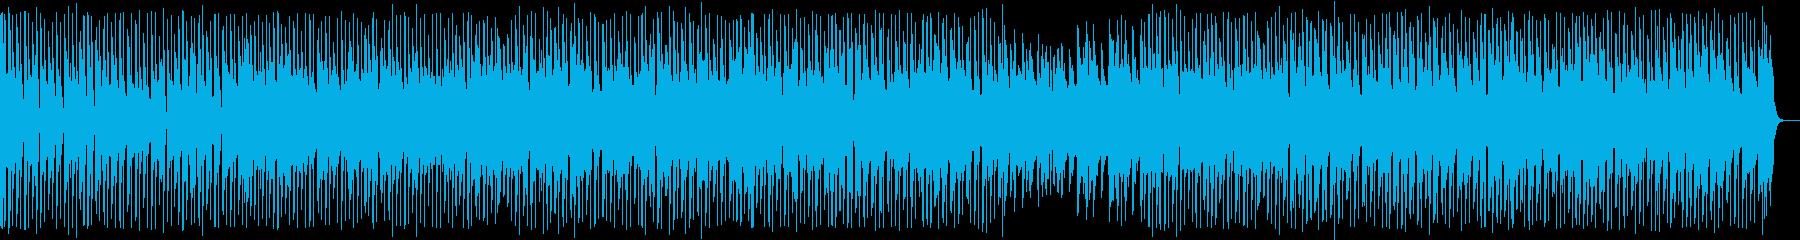 きらびやかなファンクディスコ_612_1の再生済みの波形